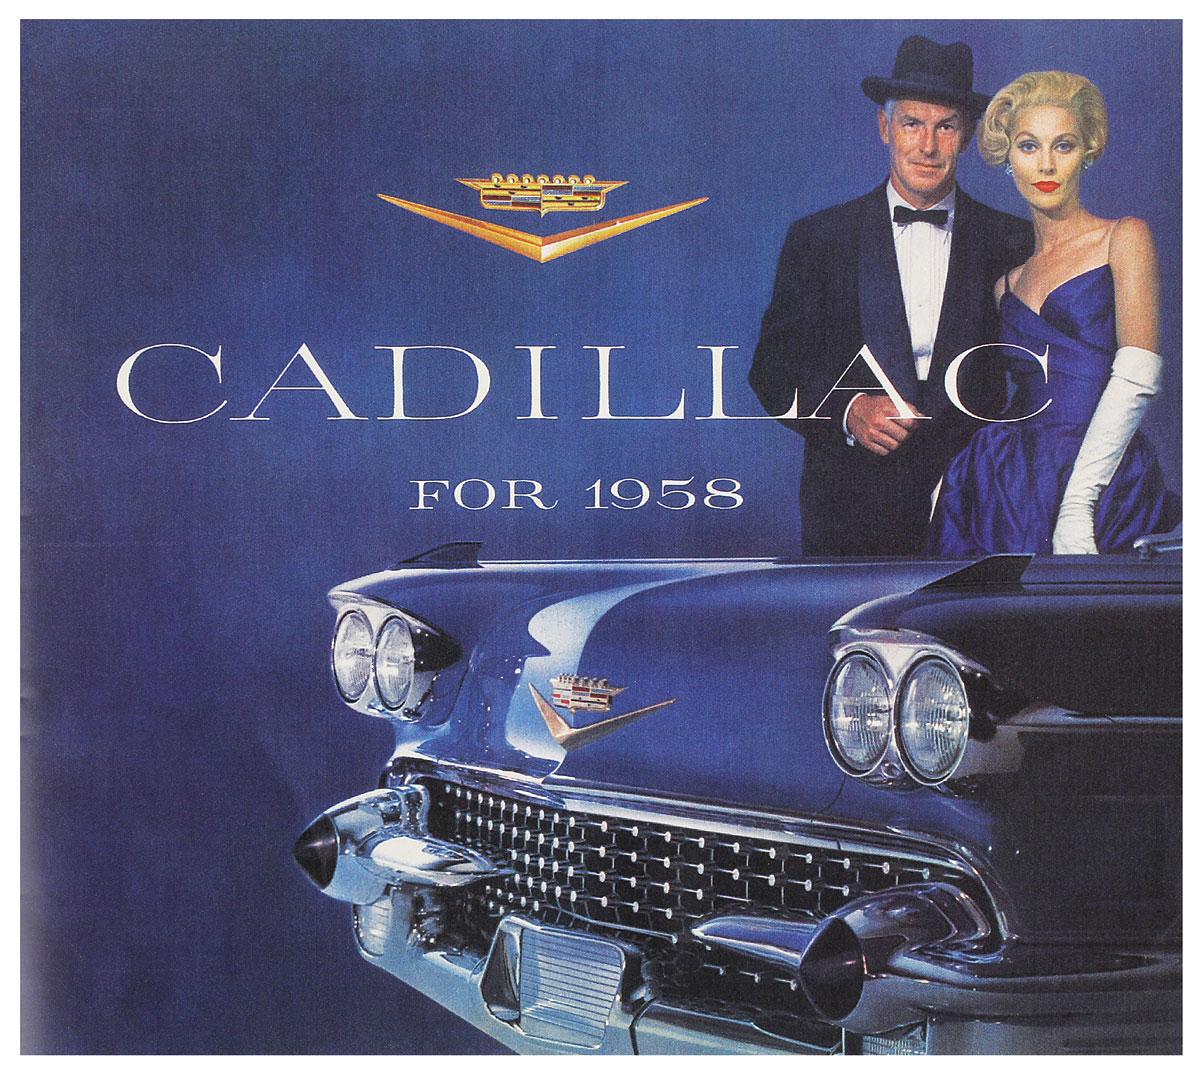 Sales Brochure, 1973 Cadillac